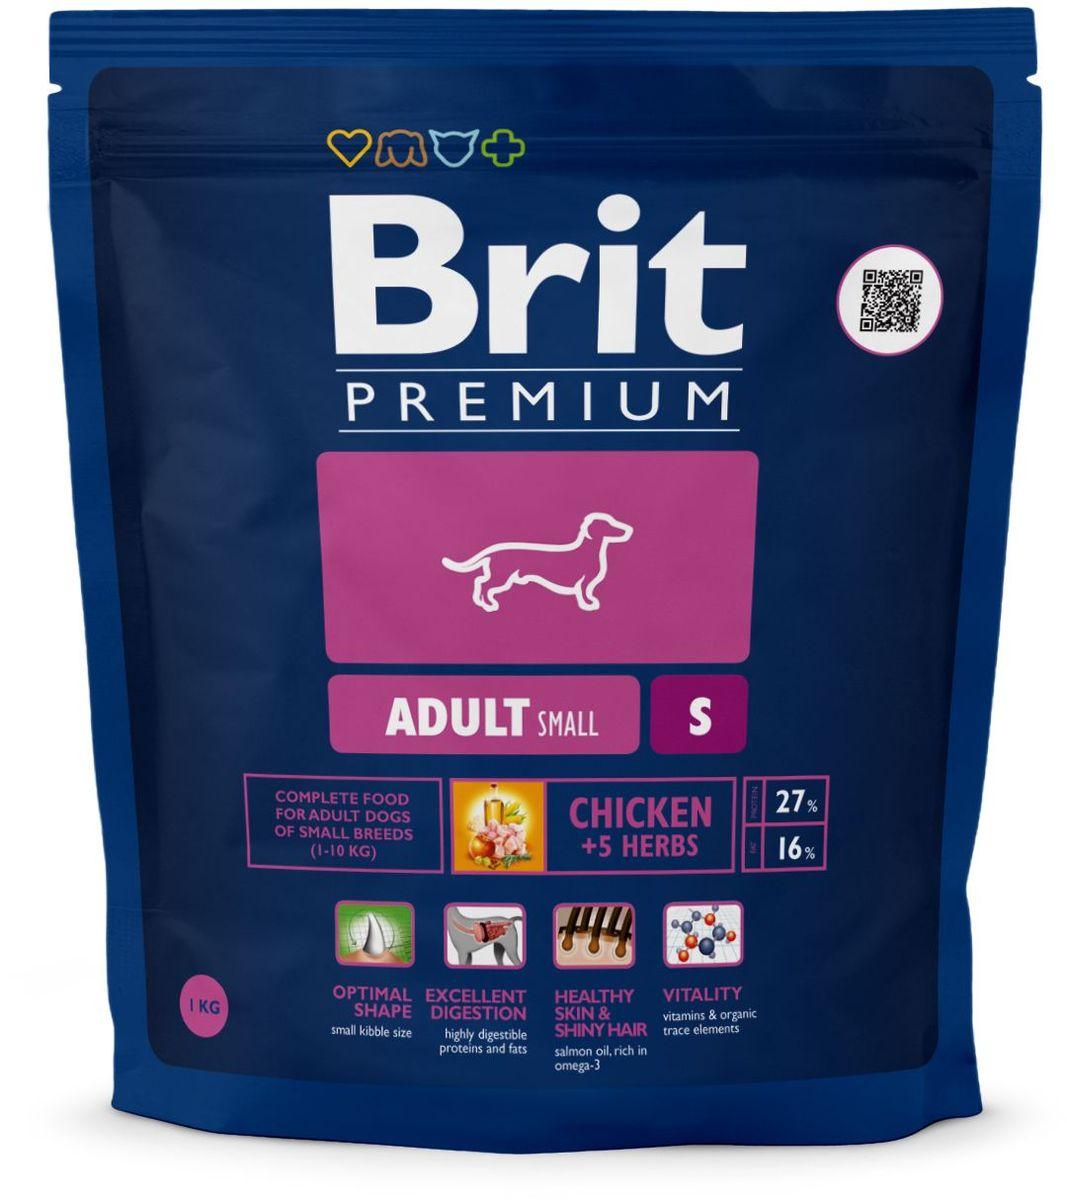 Корм сухой Brit Premium Adult S для взрослых собак мелких пород, с курицей, 1 кг132383Сухой корм Brit Premium Adult S - полнорационный корм для взрослых собак маленьких пород (1-10 кг). У мелких пород собак небольшой и очень чувствительный желудочно-кишечный тракт и при этом довольно высокие потребности в питательных веществах. Именно по этой причине корма для таких пород должны иметь очень высокую степень усвояемости и тщательно сбалансированный формулу содержания питательных веществ. У мелких пород намного выше потребность в активных антиоксидантах, которые положительно влияют на иммунитет и способствуют продолжительности жизни животного. Оптимальное соотношение Омега-3 и Омега-6 жирных кислот, которые способствуют активности мозга и правильному развитию нервной системы, что необходимо для развития полноценной жизнедеятельности вашего питомца. Состав: мука из мяса курицы (41%), кукуруза, пшеница, рис, куриный жир (консервированный токоферолами), масло лосося, пивные дрожжи, натуральные ароматизаторы, сушеные яблоки, минеральные вещества, экстракт из трав и фруктов (300 мг/кг), мананоолигосахариды (150 мг/кг), фруктоолигосахариды (100 мг/кг), экстракт юкки шидигеры (80 мг/кг), органическая медь, органический цинк, органический селен. Аналитические составляющие: сырой протеин 27,0 %, сырой жир 16,0 %, влага 10,0 %, сырая зола 6,5 %, сырая клетчатка 2,5 %, кальций 1,4 %, фосфор 1,1 %. Пищевые добавки на 1 кг: витамин A 15 000 МЕ, витамин D3 1 500 МЕ, витамин E (q-токоферол) 500 мг, Е1 железо 80 мг, Е6 цинк 70 мг, Е5 марганец 36 мг, Е4 медь 20 мг, Е2 йод 0,65 мг, Е8 селен 0,2 мг.Энергетическая ценность: 4172 ккал/кг. Товар сертифицирован.